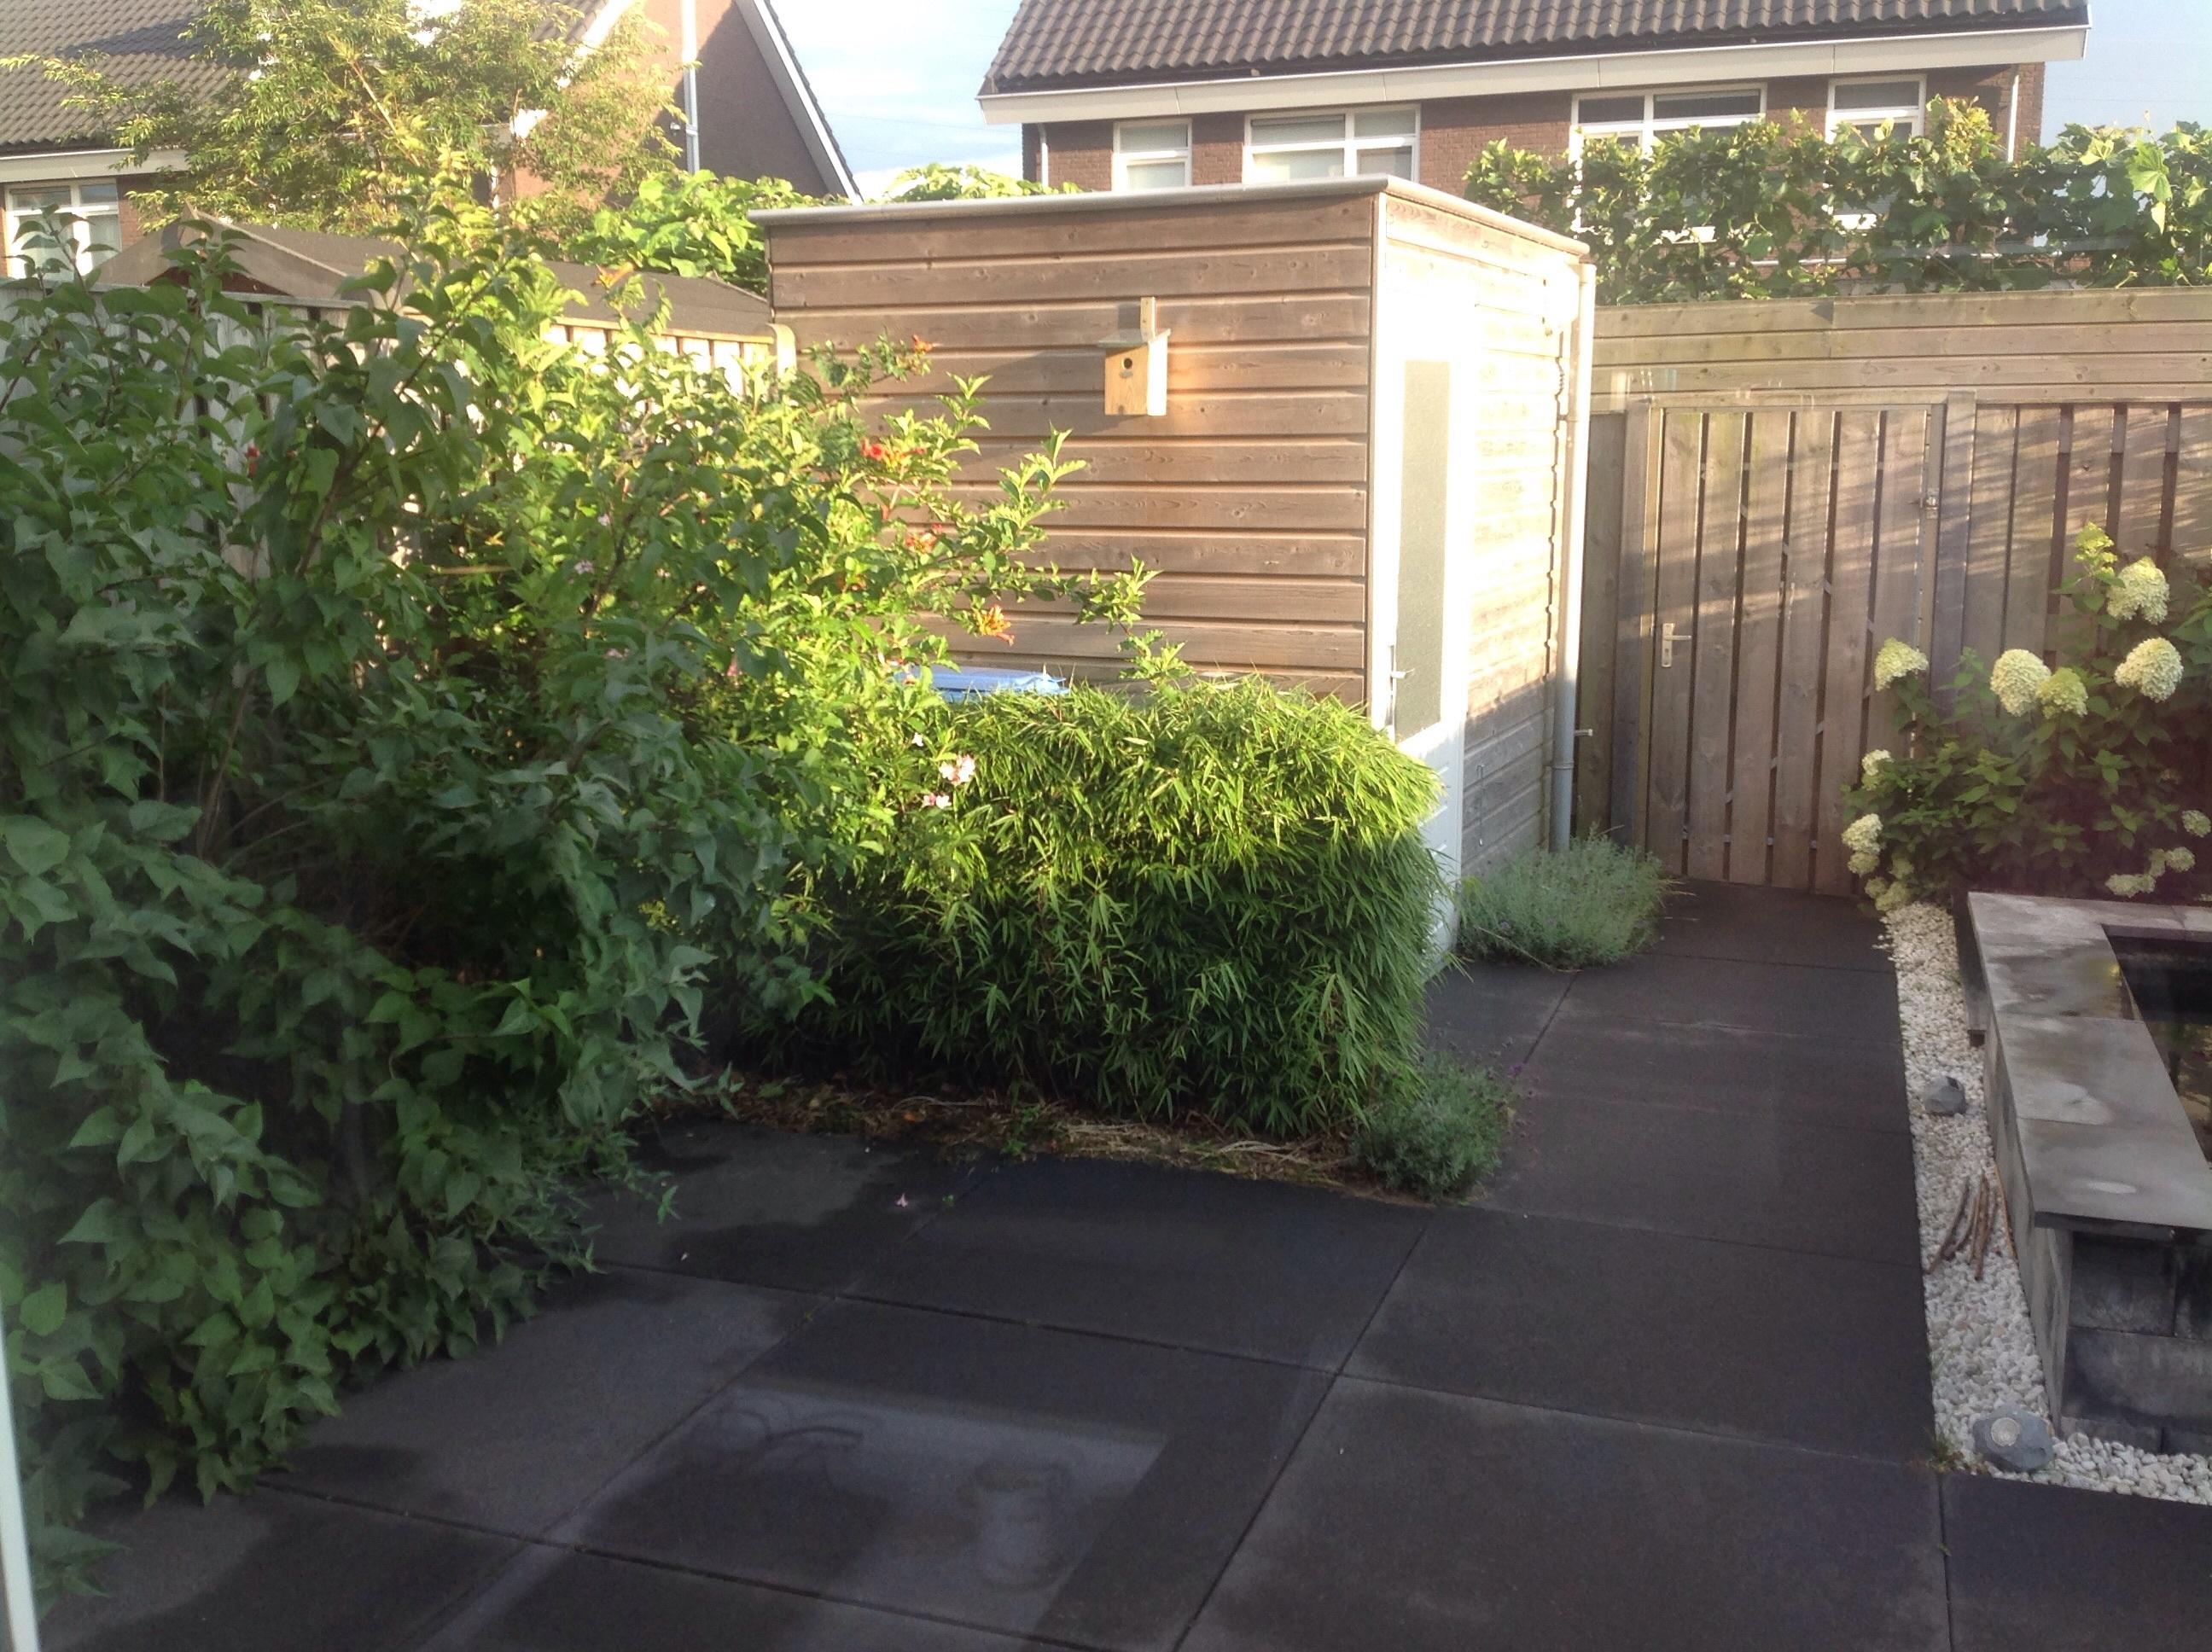 Tuin beplanting suggesties wonen verbouwen got for Tuin verbouwen